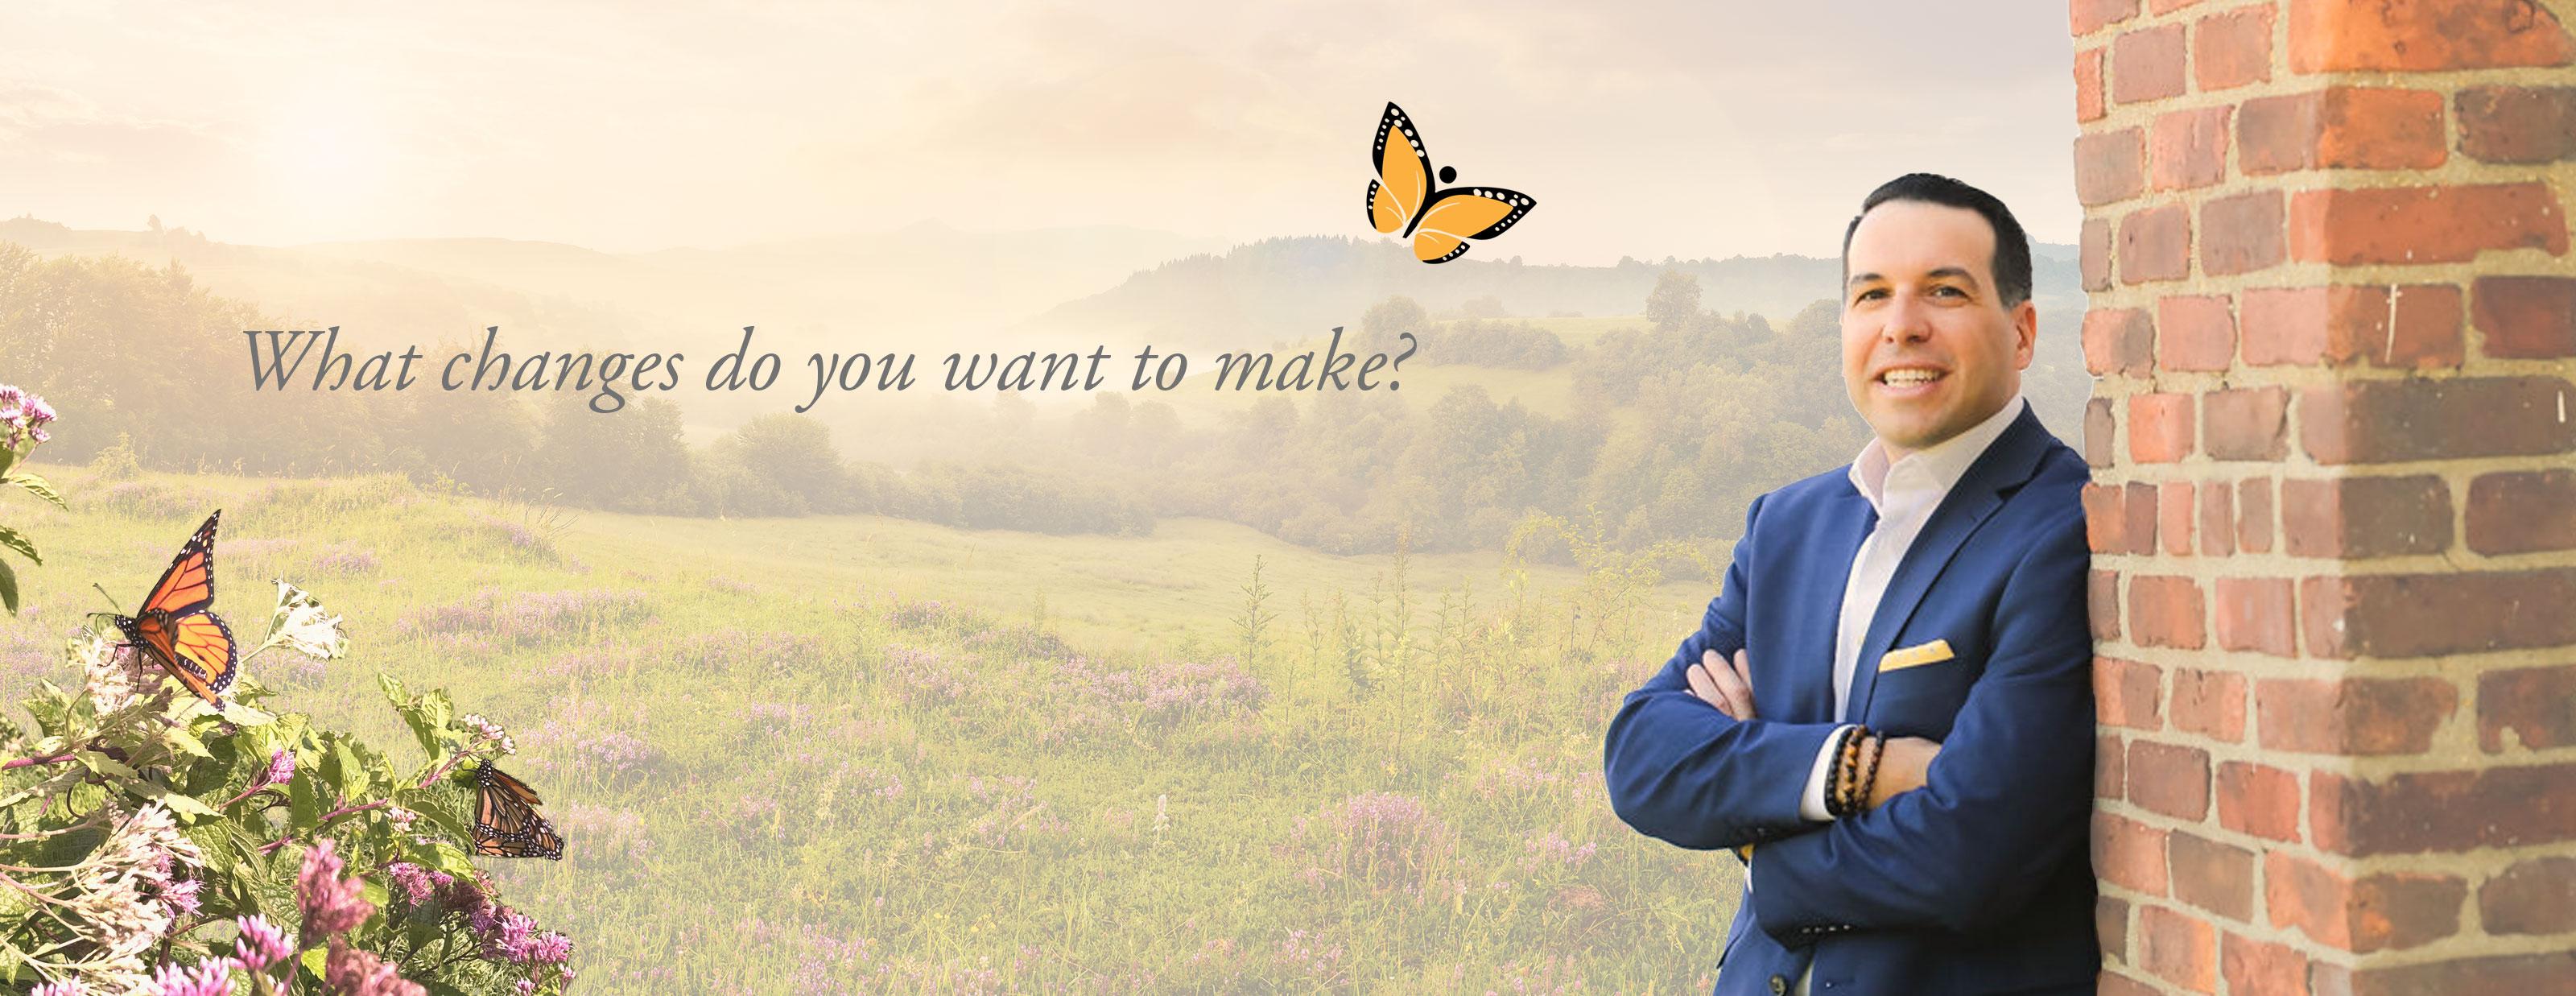 Monarch Life Coaching Tom Marino Life Coach | Life changes